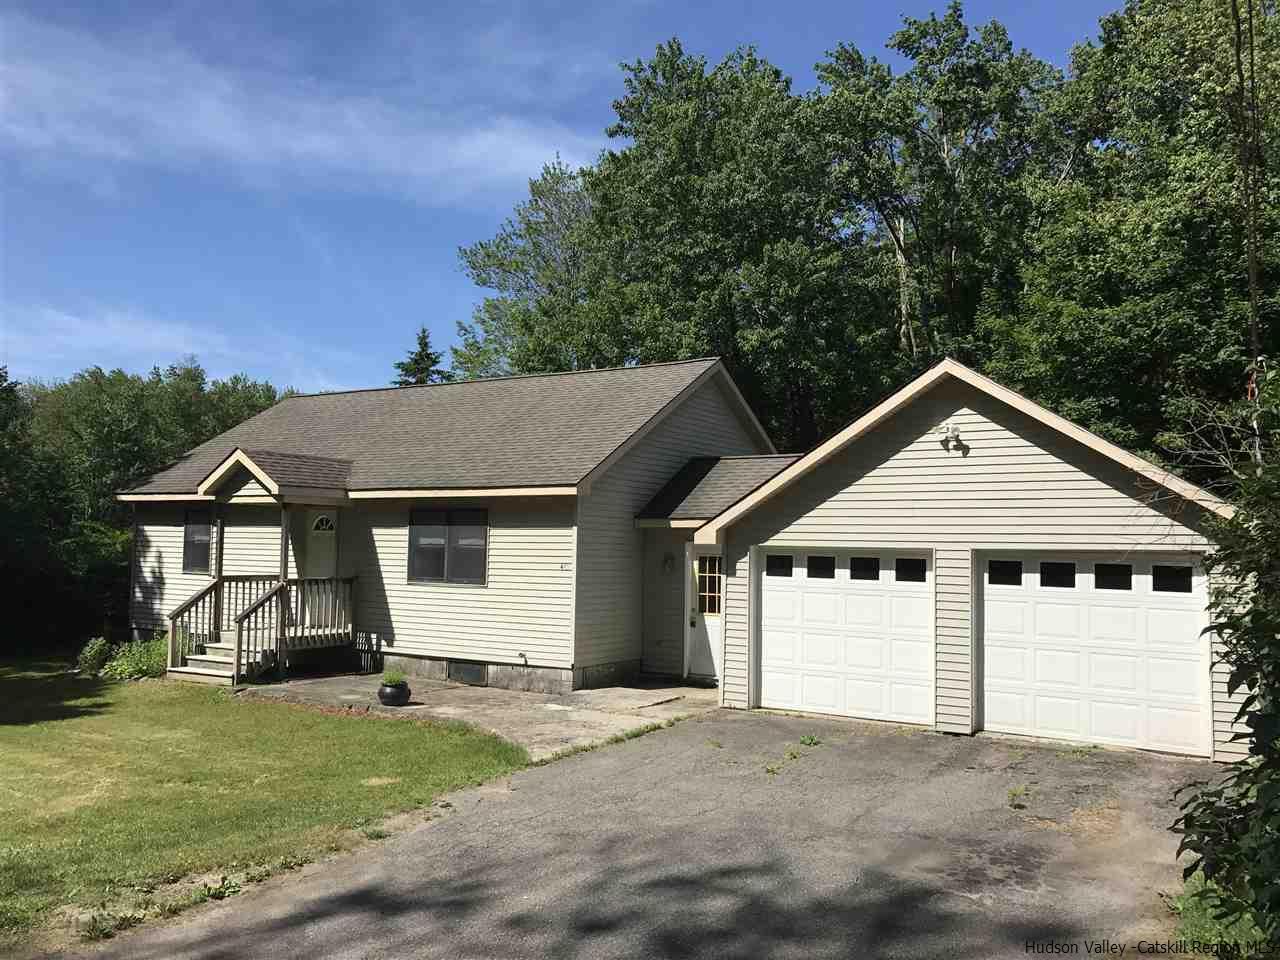 Single Family Home for Sale at 445 Samsonville Road 445 Samsonville Road Kerhonkson, New York 12446 United States